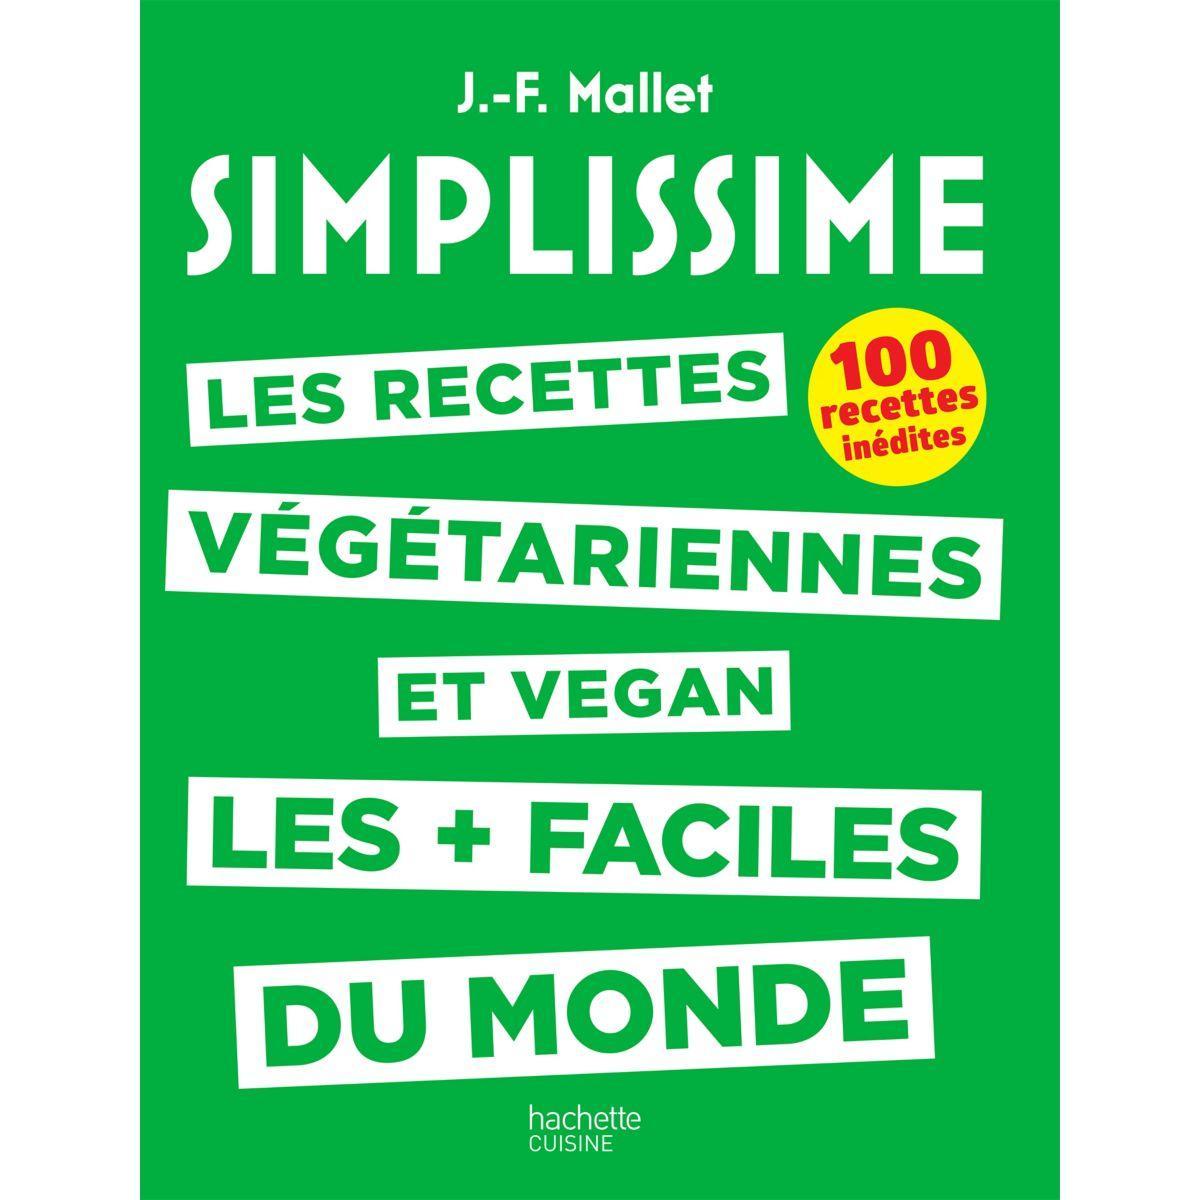 Livre de cuisine hachette simplissime recettes v�g�tariennes/vegan (photo)